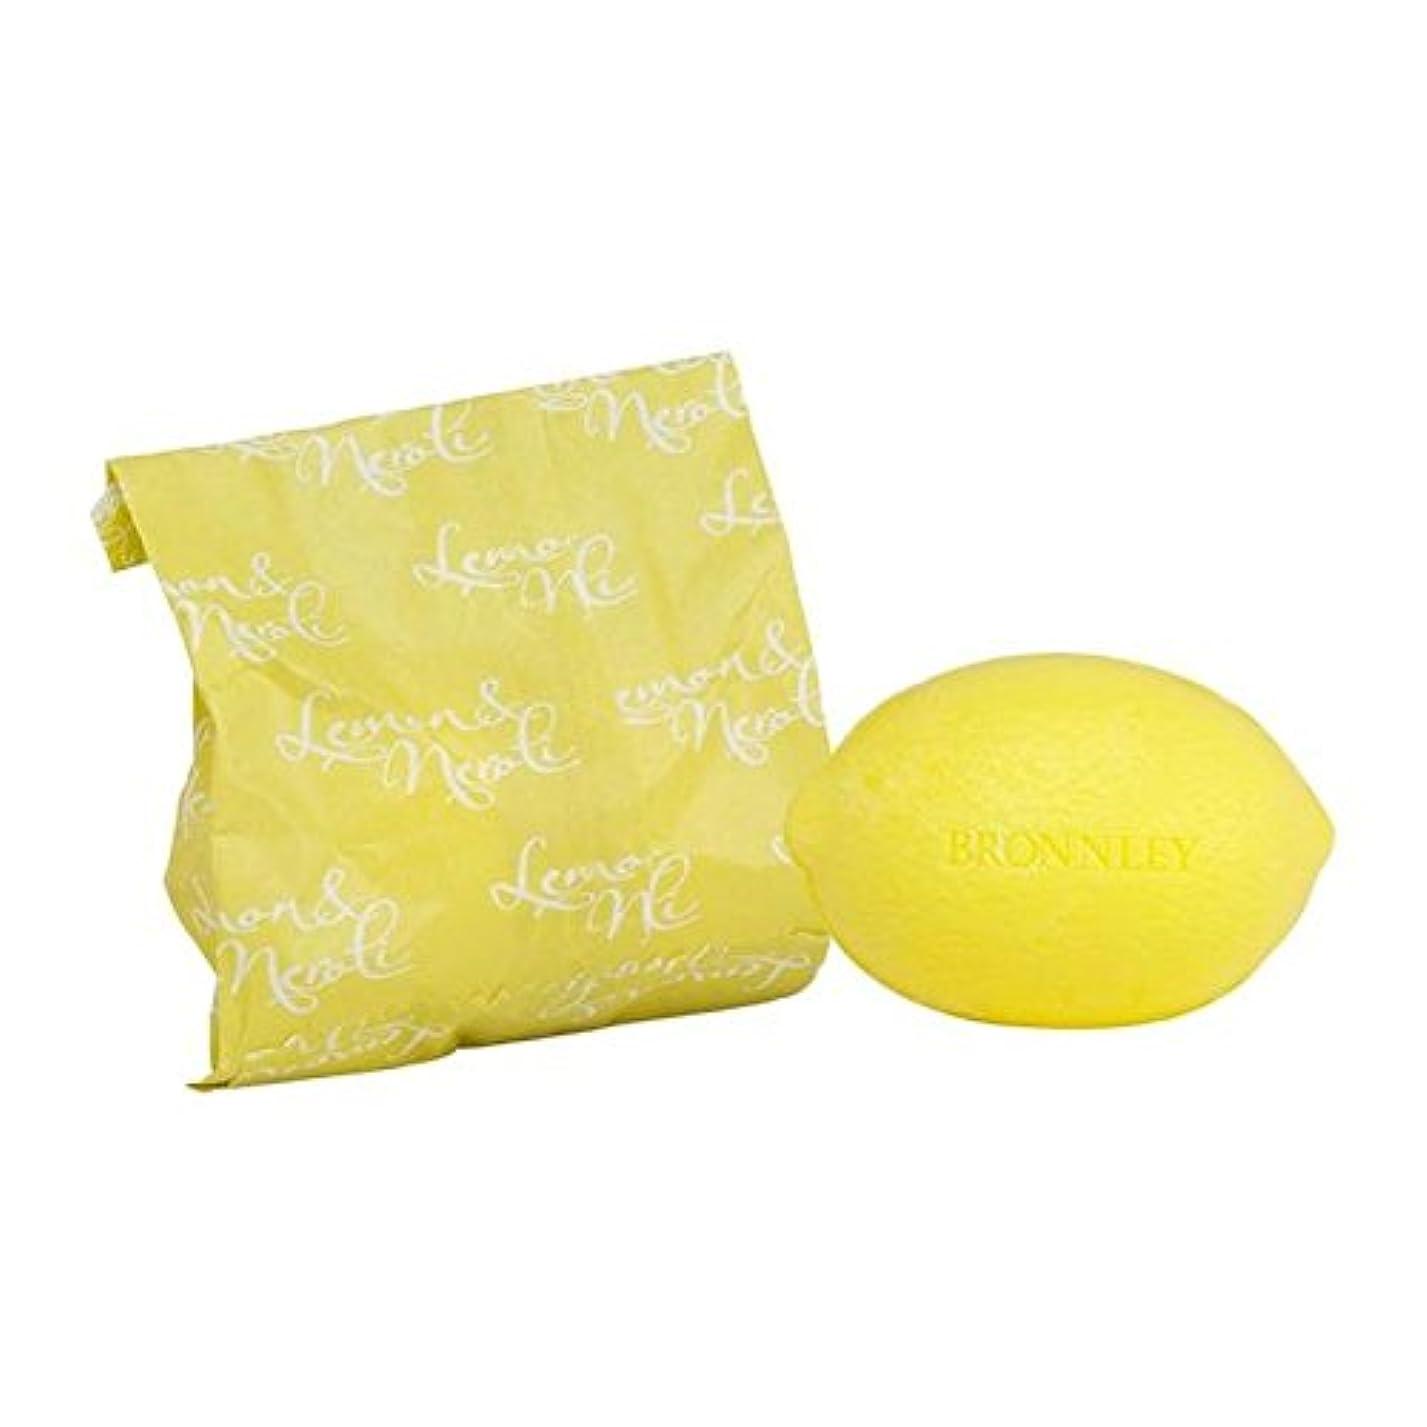 インセンティブ書道身元Bronnley Lemon & Neroli Soap 100g (Pack of 6) - レモン&ネロリ石鹸100グラム x6 [並行輸入品]